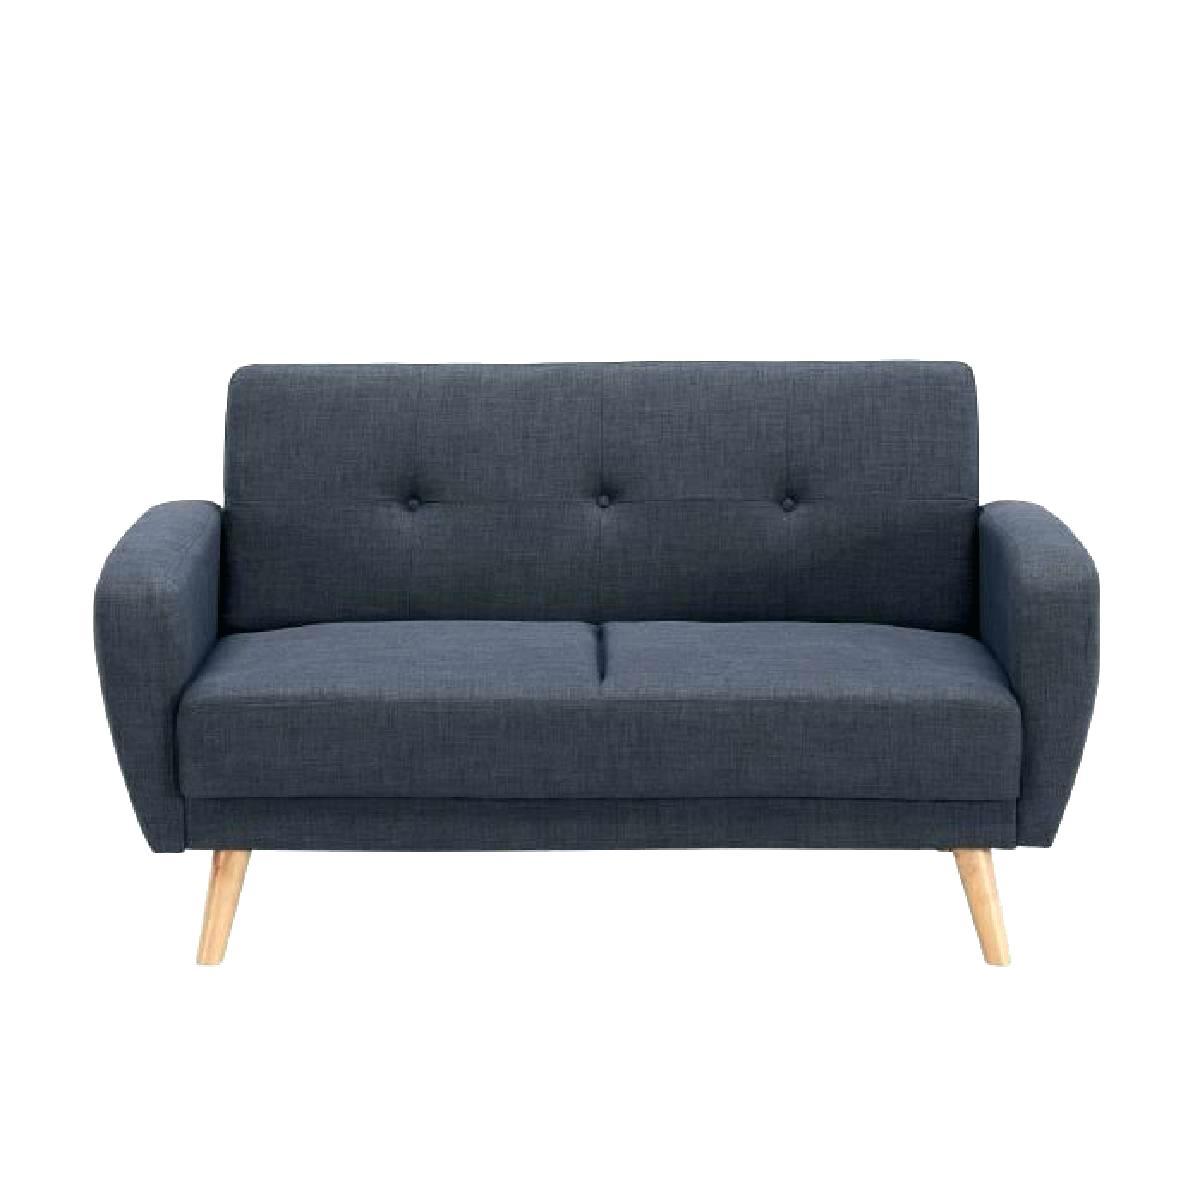 Ikea Canapé D Angle Convertible Inspirant Collection Divan Pas Cher 4 Canape Convertible 2 Places Haut De Gamme Canapes